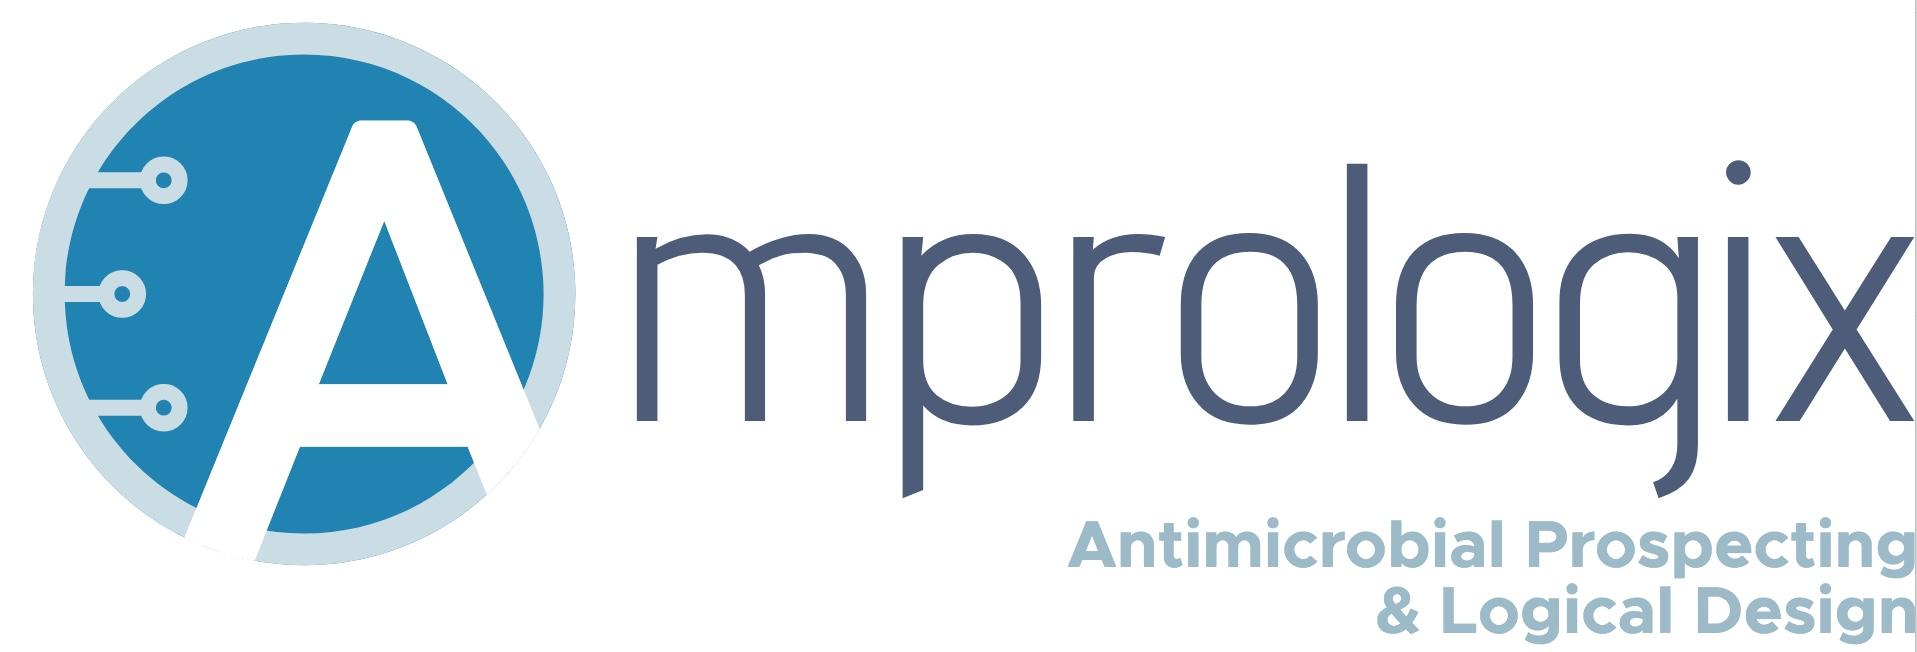 Amprologix Logo